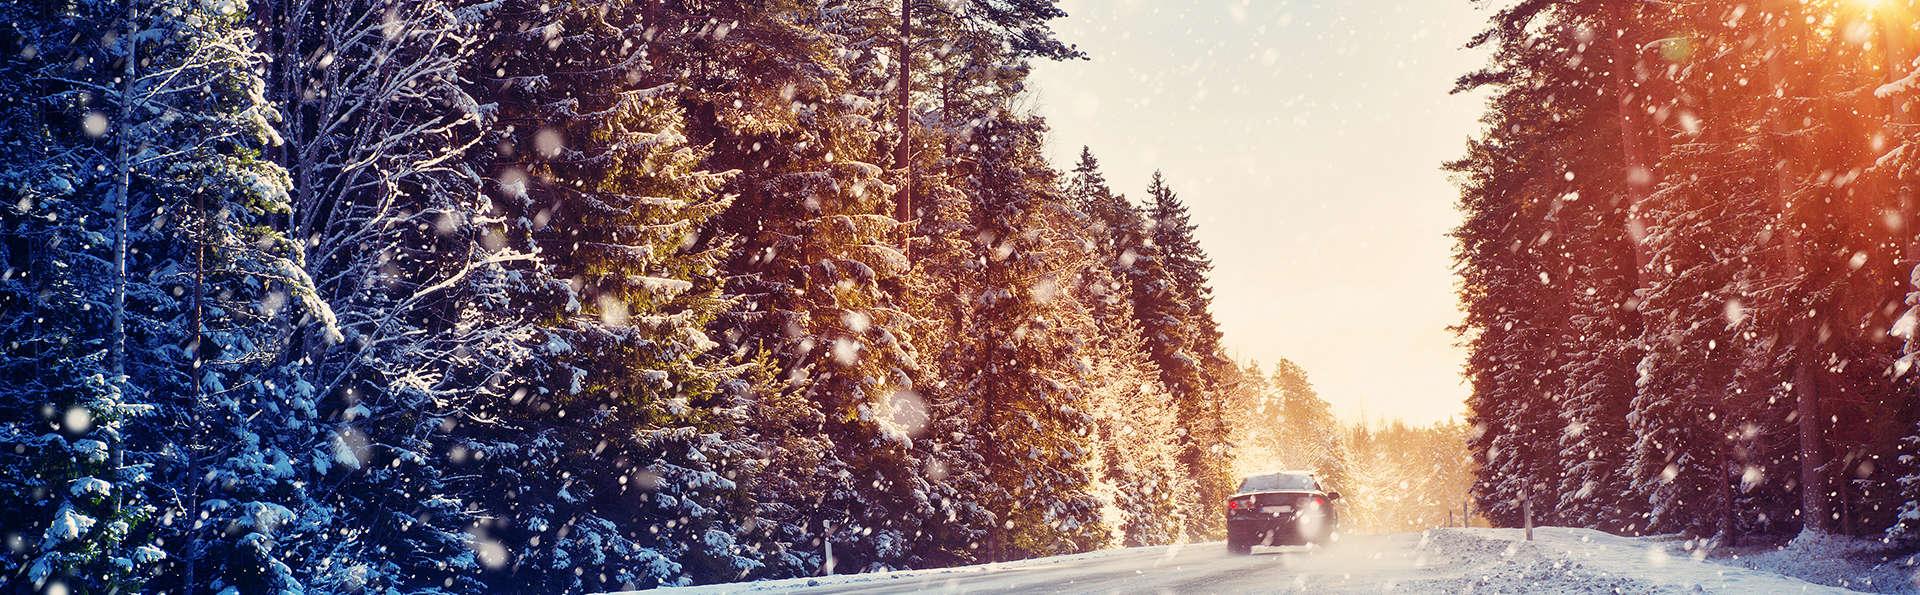 Profitez d'un Noël culinaire et de la magnifique nature du Veluwe (2 nuits)